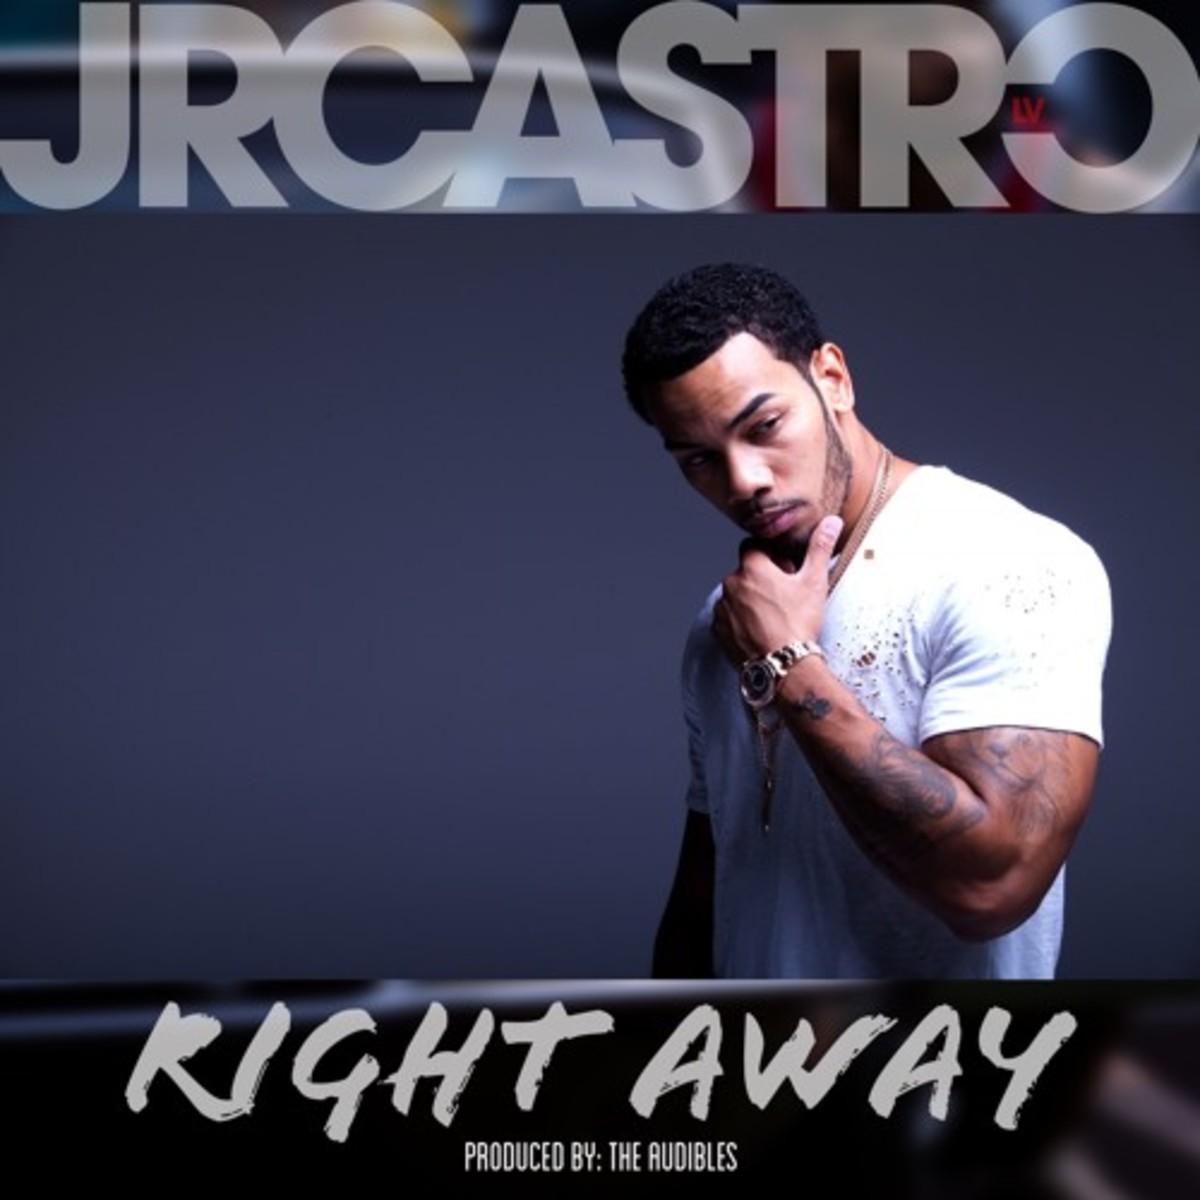 jr-castro-right-away.jpg